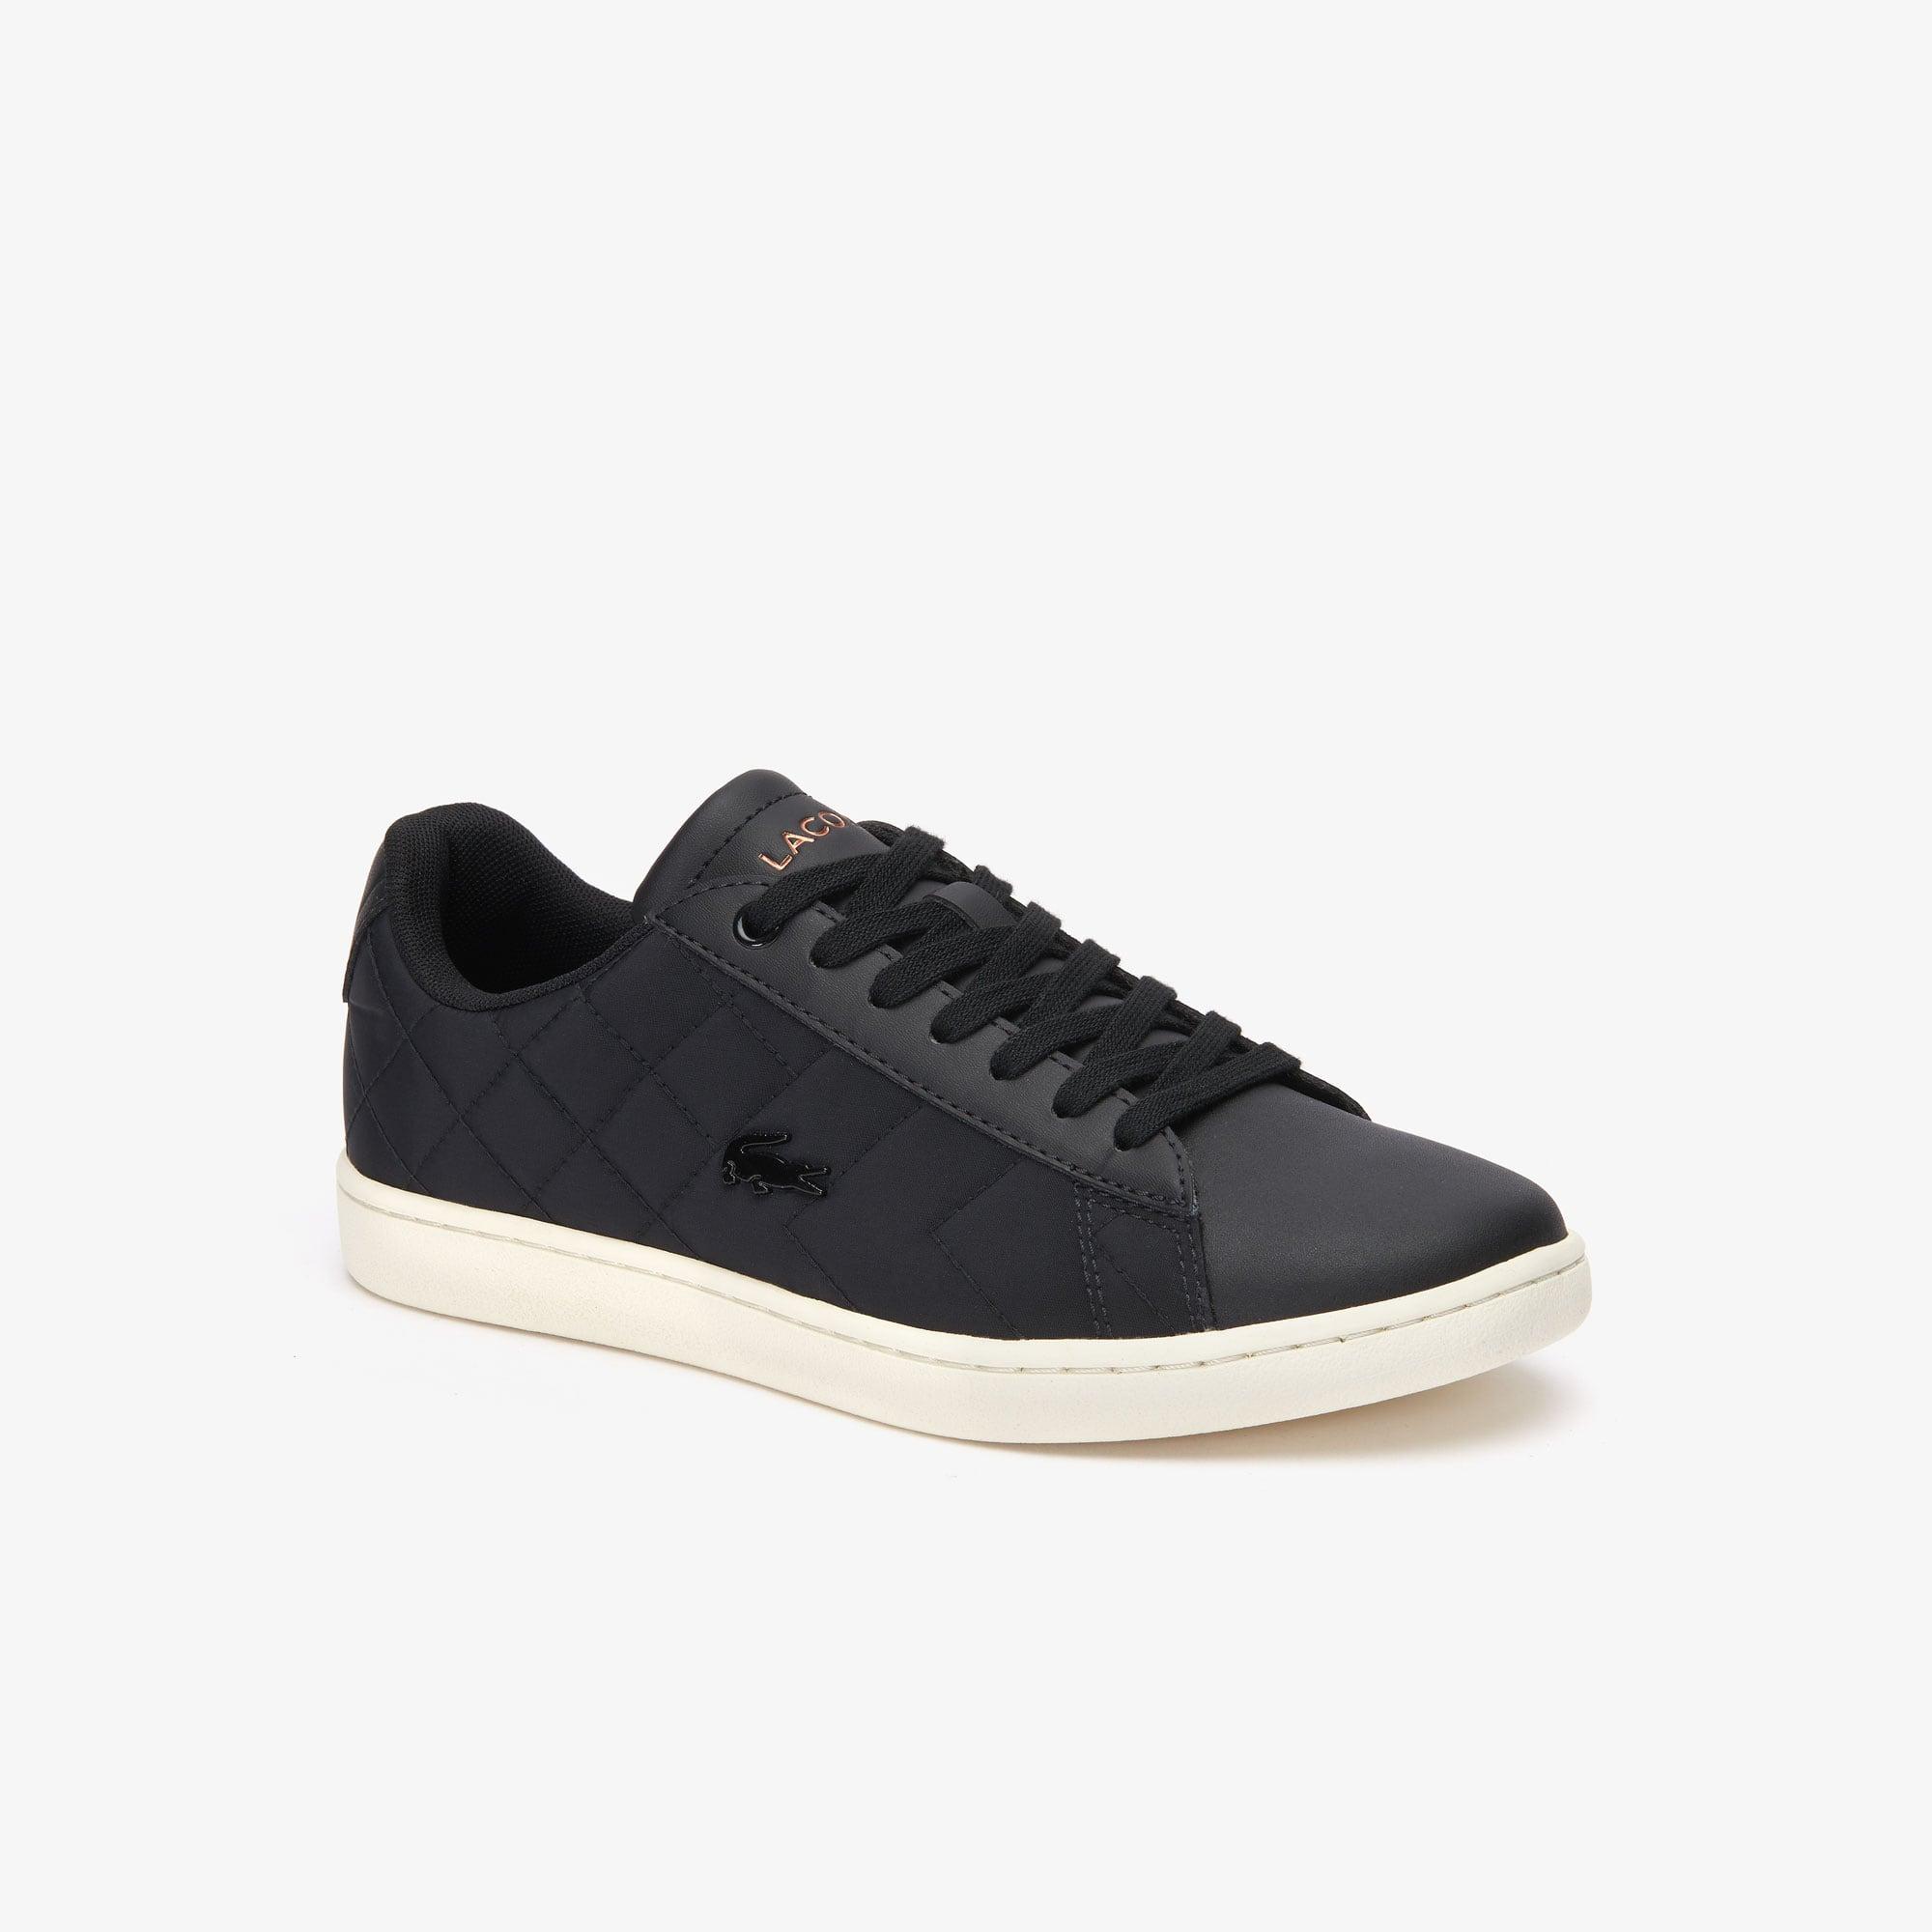 63bec6ed97f4 Zapatos para mujer | Colección de calzado | LACOSTE SPORT